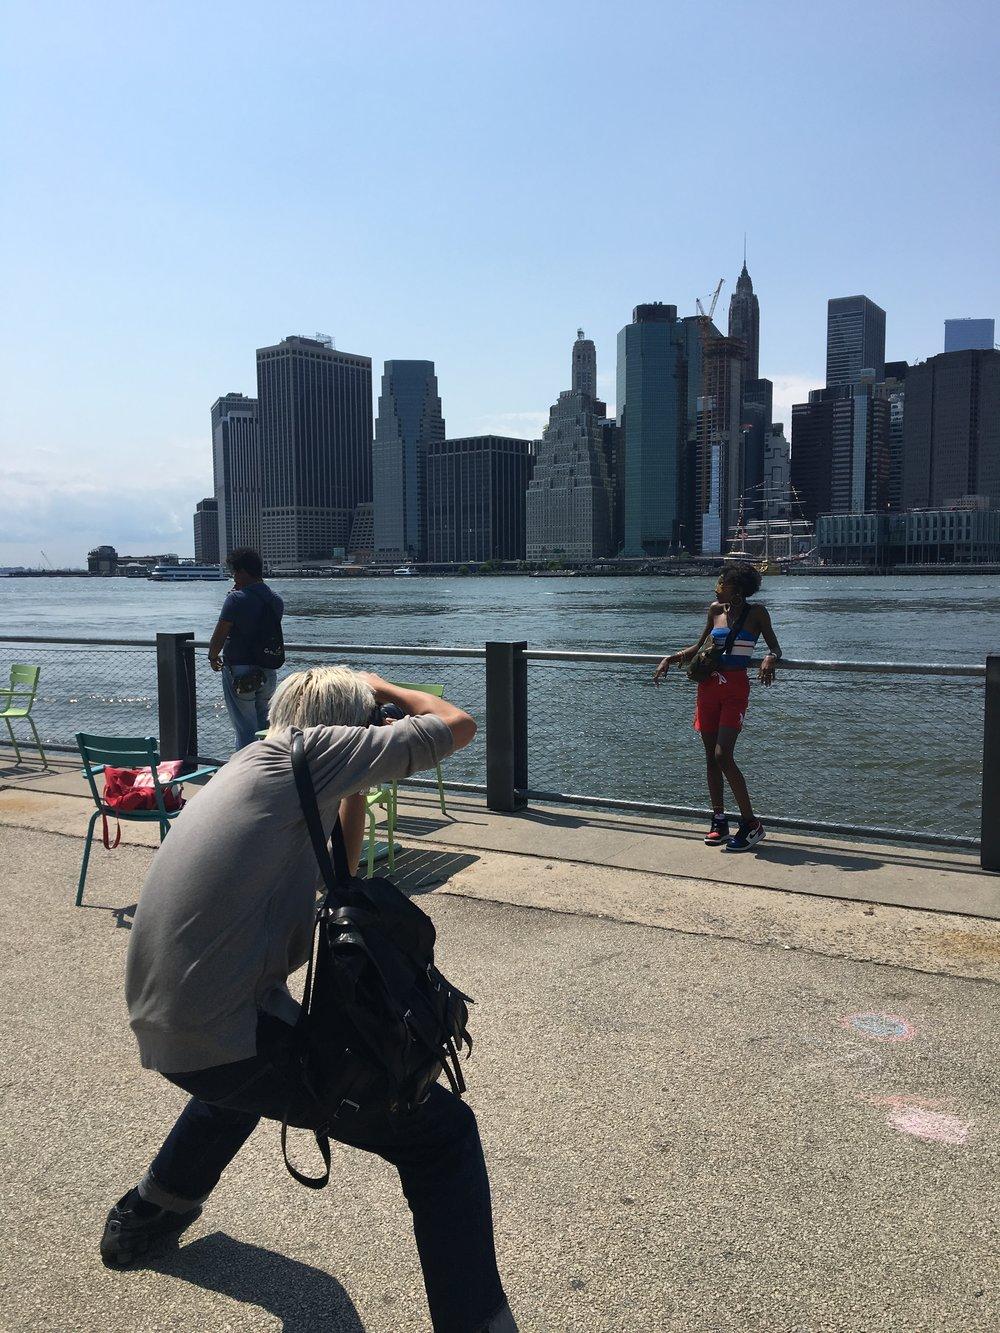 Dumbo, Manhattan skyline. Must see.  ダンボから望むファイナンシャル・ディストリクト。